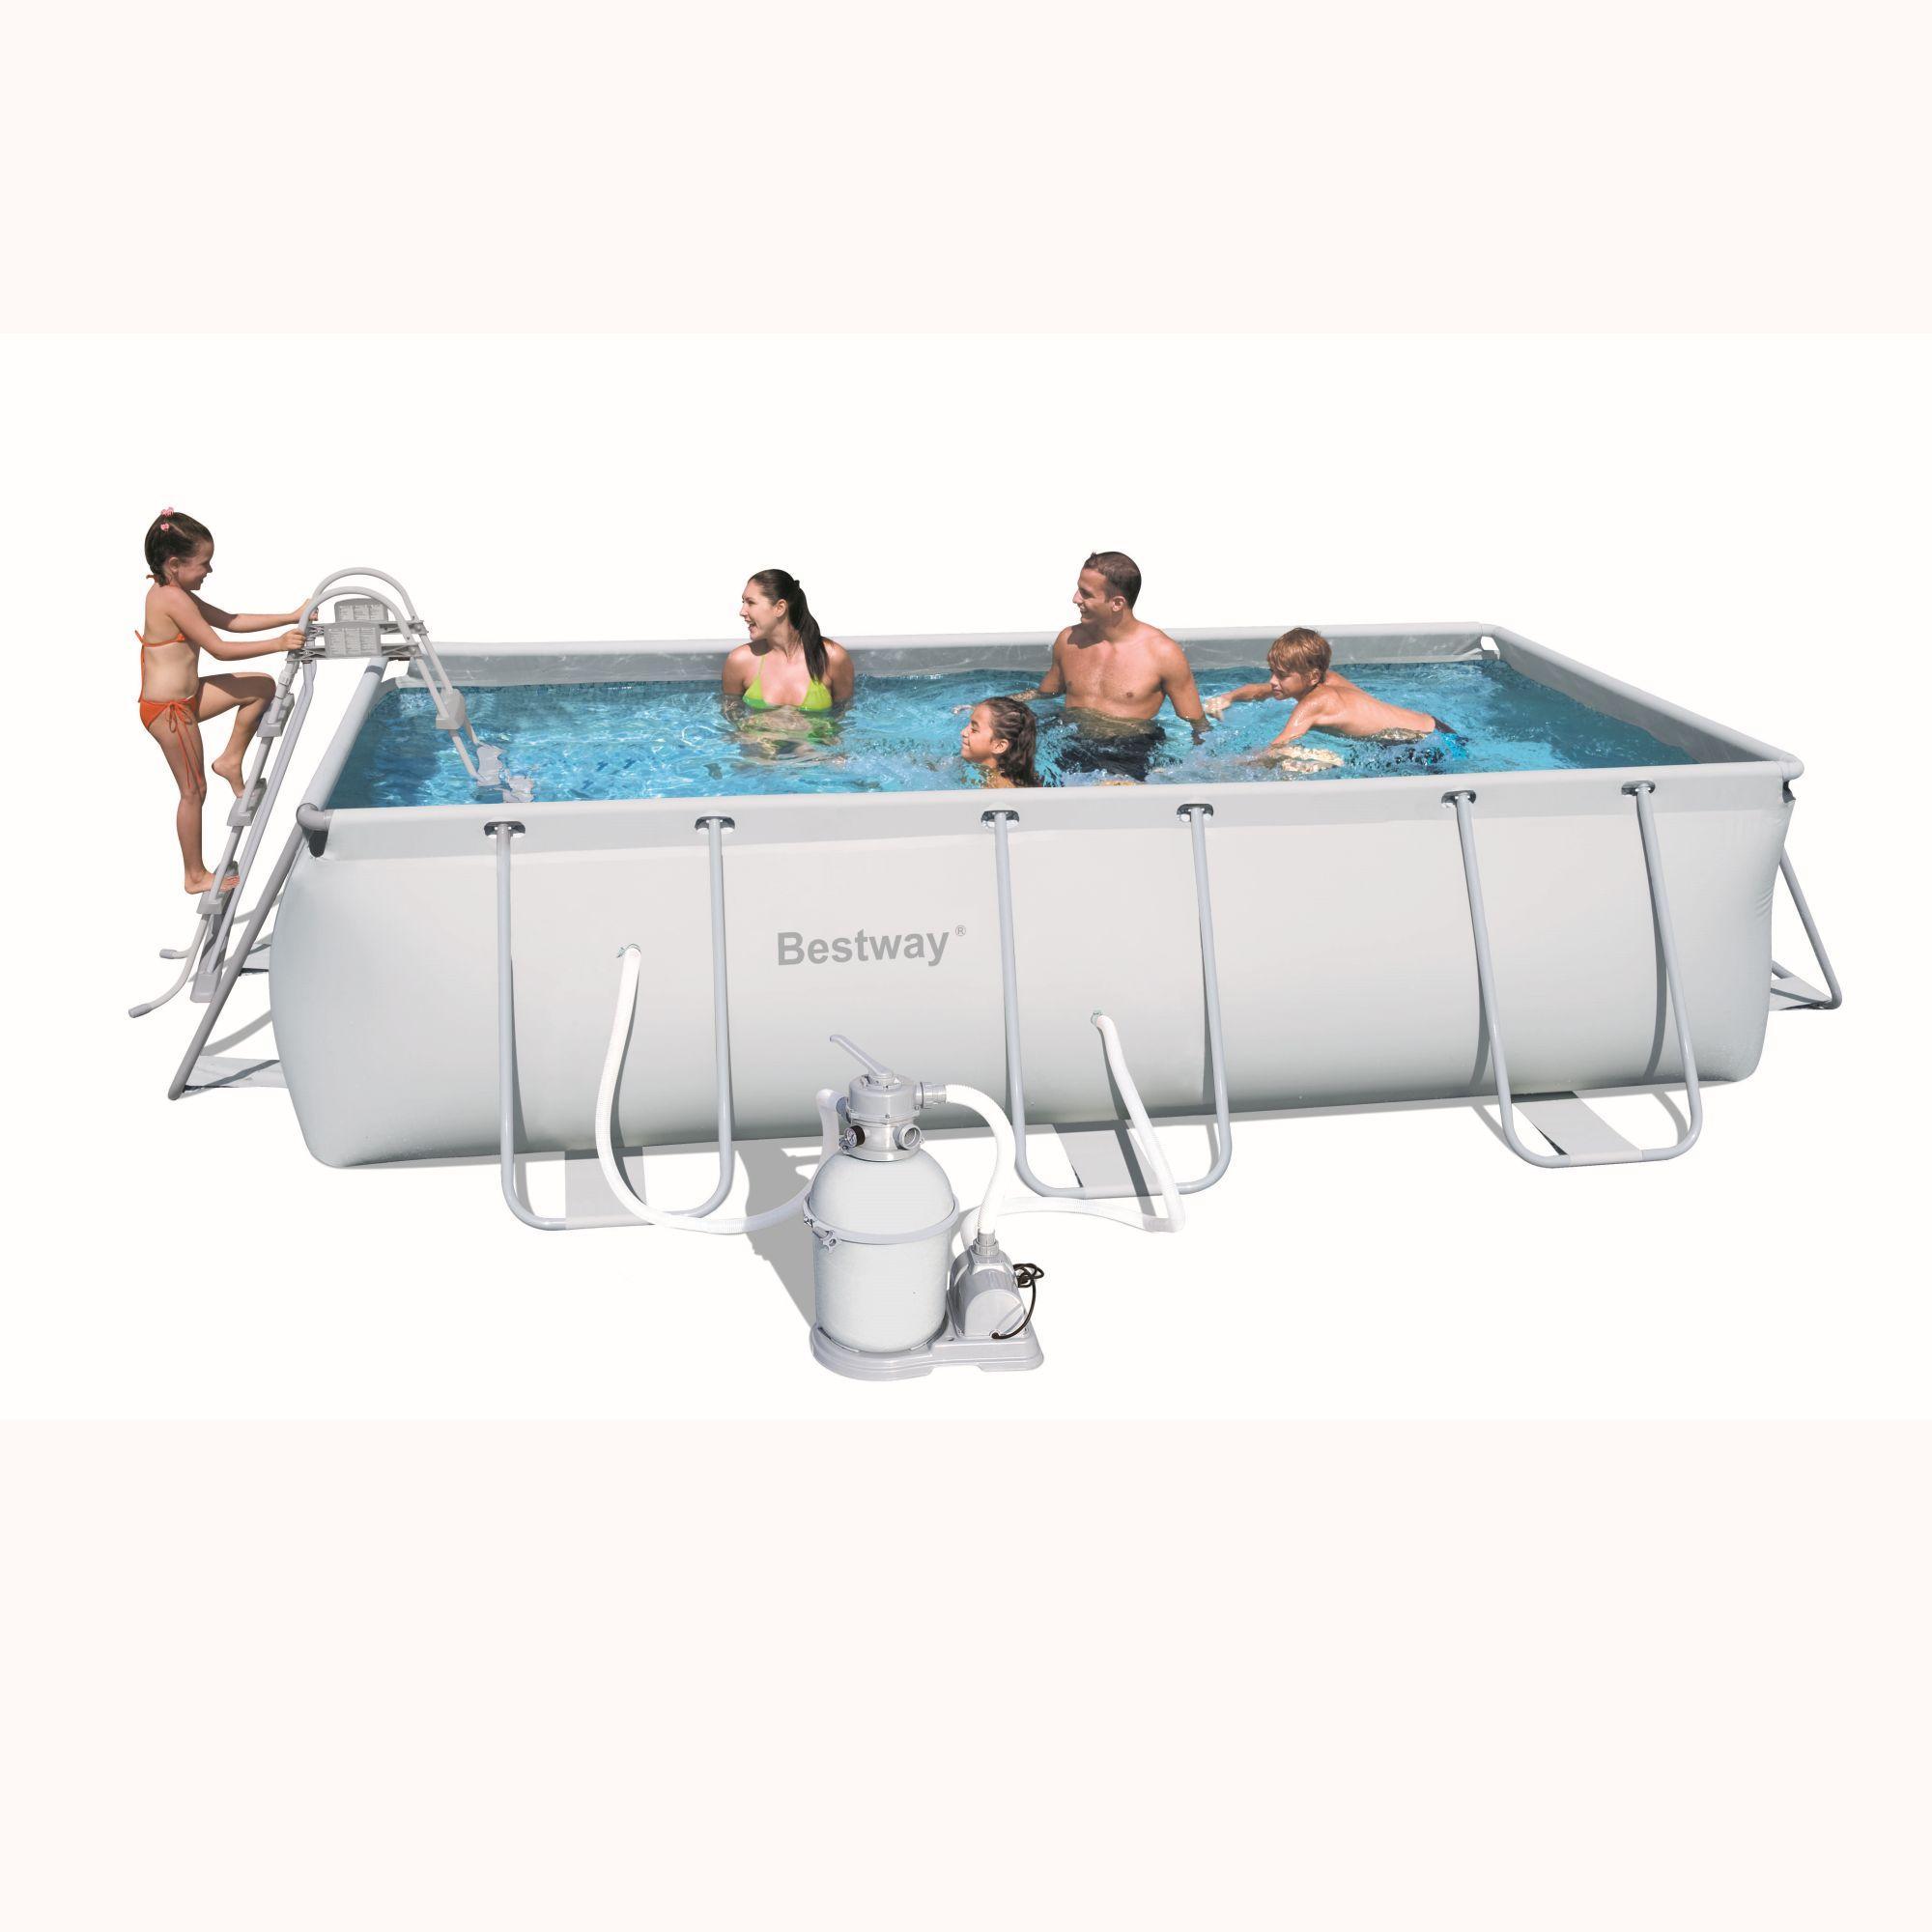 foto piscina bestway rectangular frame 404x201x100 56255